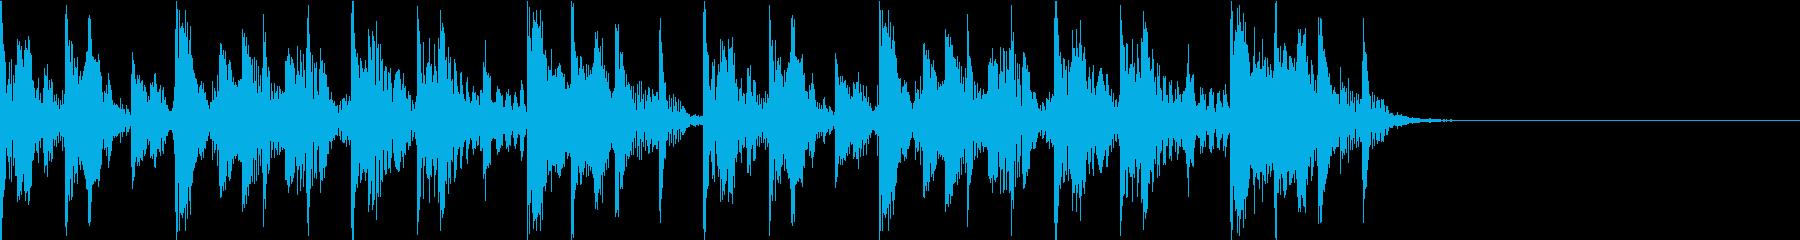 動画の幕間BGM 罰ゲームタイトル風の再生済みの波形